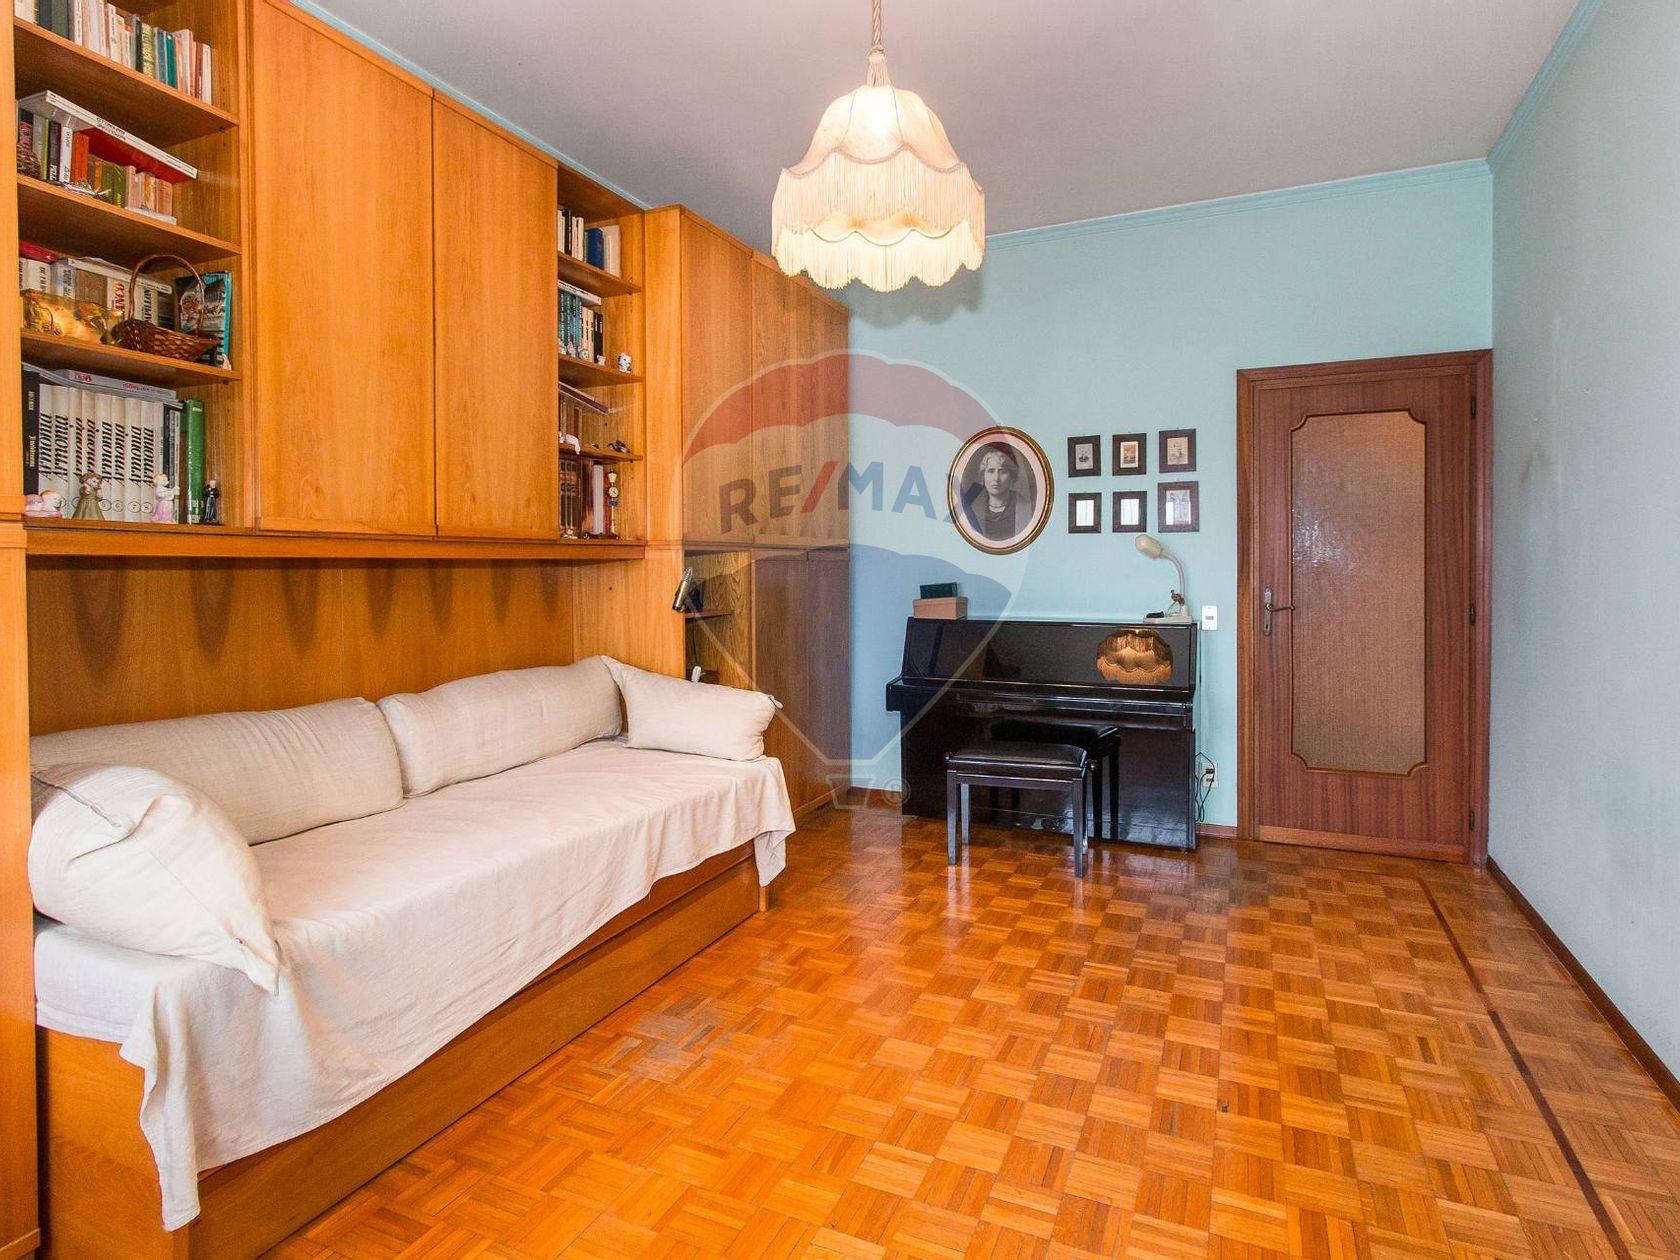 Appartamento San Pietro, Moncalieri, TO Vendita - Foto 16